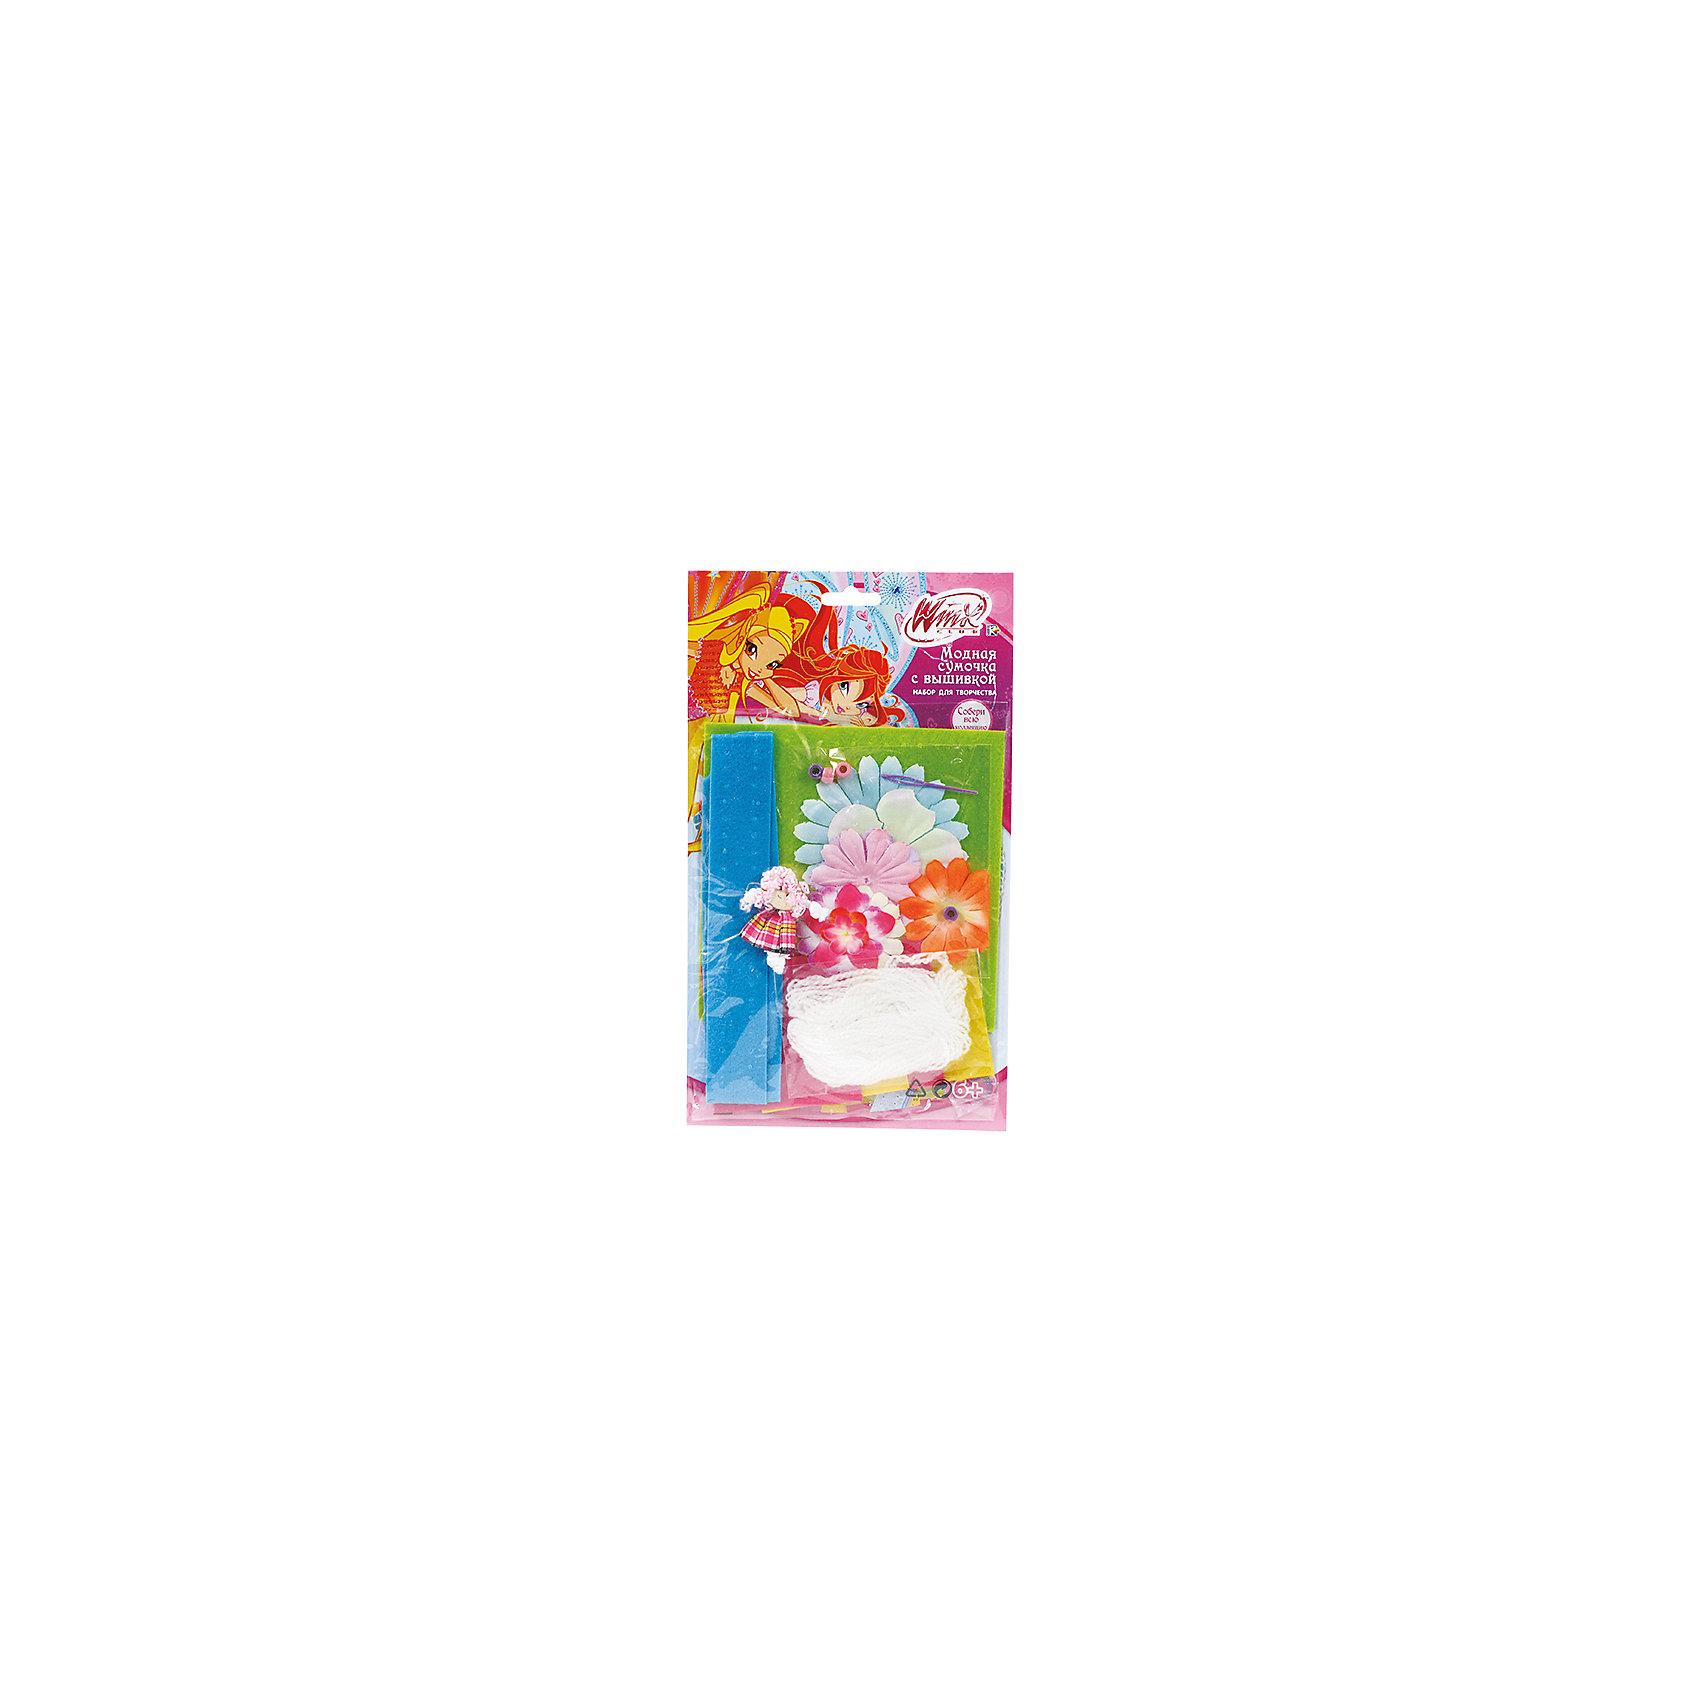 Набор с вышивкойМодная сумочка, Winx ClubНабор Модная сумочка поможет девочке создать очаровательный аксессуар с феями Винкс, который прекрасно подойдет к ее гардеробу. Иголка, входящая в набор безопасна и исключает возможно случайных царапин. Такое творчество развивает воображение, усидчивость и мелкую моторику. Прекрасный подарок стильным девочкам, любящим вещи, сделанные своими руками!<br>Дополнительная информация:<br>-в наборе: 6 отрезков ткани, моток пряжи, 1 пластиковая иголка, кукла, 10 искусственных цветов, 2 бусины<br>Сказочный персонаж: Winx Club<br>-вес: 50 грамм<br>-размер упаковки: 1х22х29 см<br>Набор с вышивкой Winx Club вы можете приобрести в нашем интернет-магазине.<br><br>Ширина мм: 290<br>Глубина мм: 220<br>Высота мм: 10<br>Вес г: 50<br>Возраст от месяцев: 72<br>Возраст до месяцев: 120<br>Пол: Женский<br>Возраст: Детский<br>SKU: 4915512